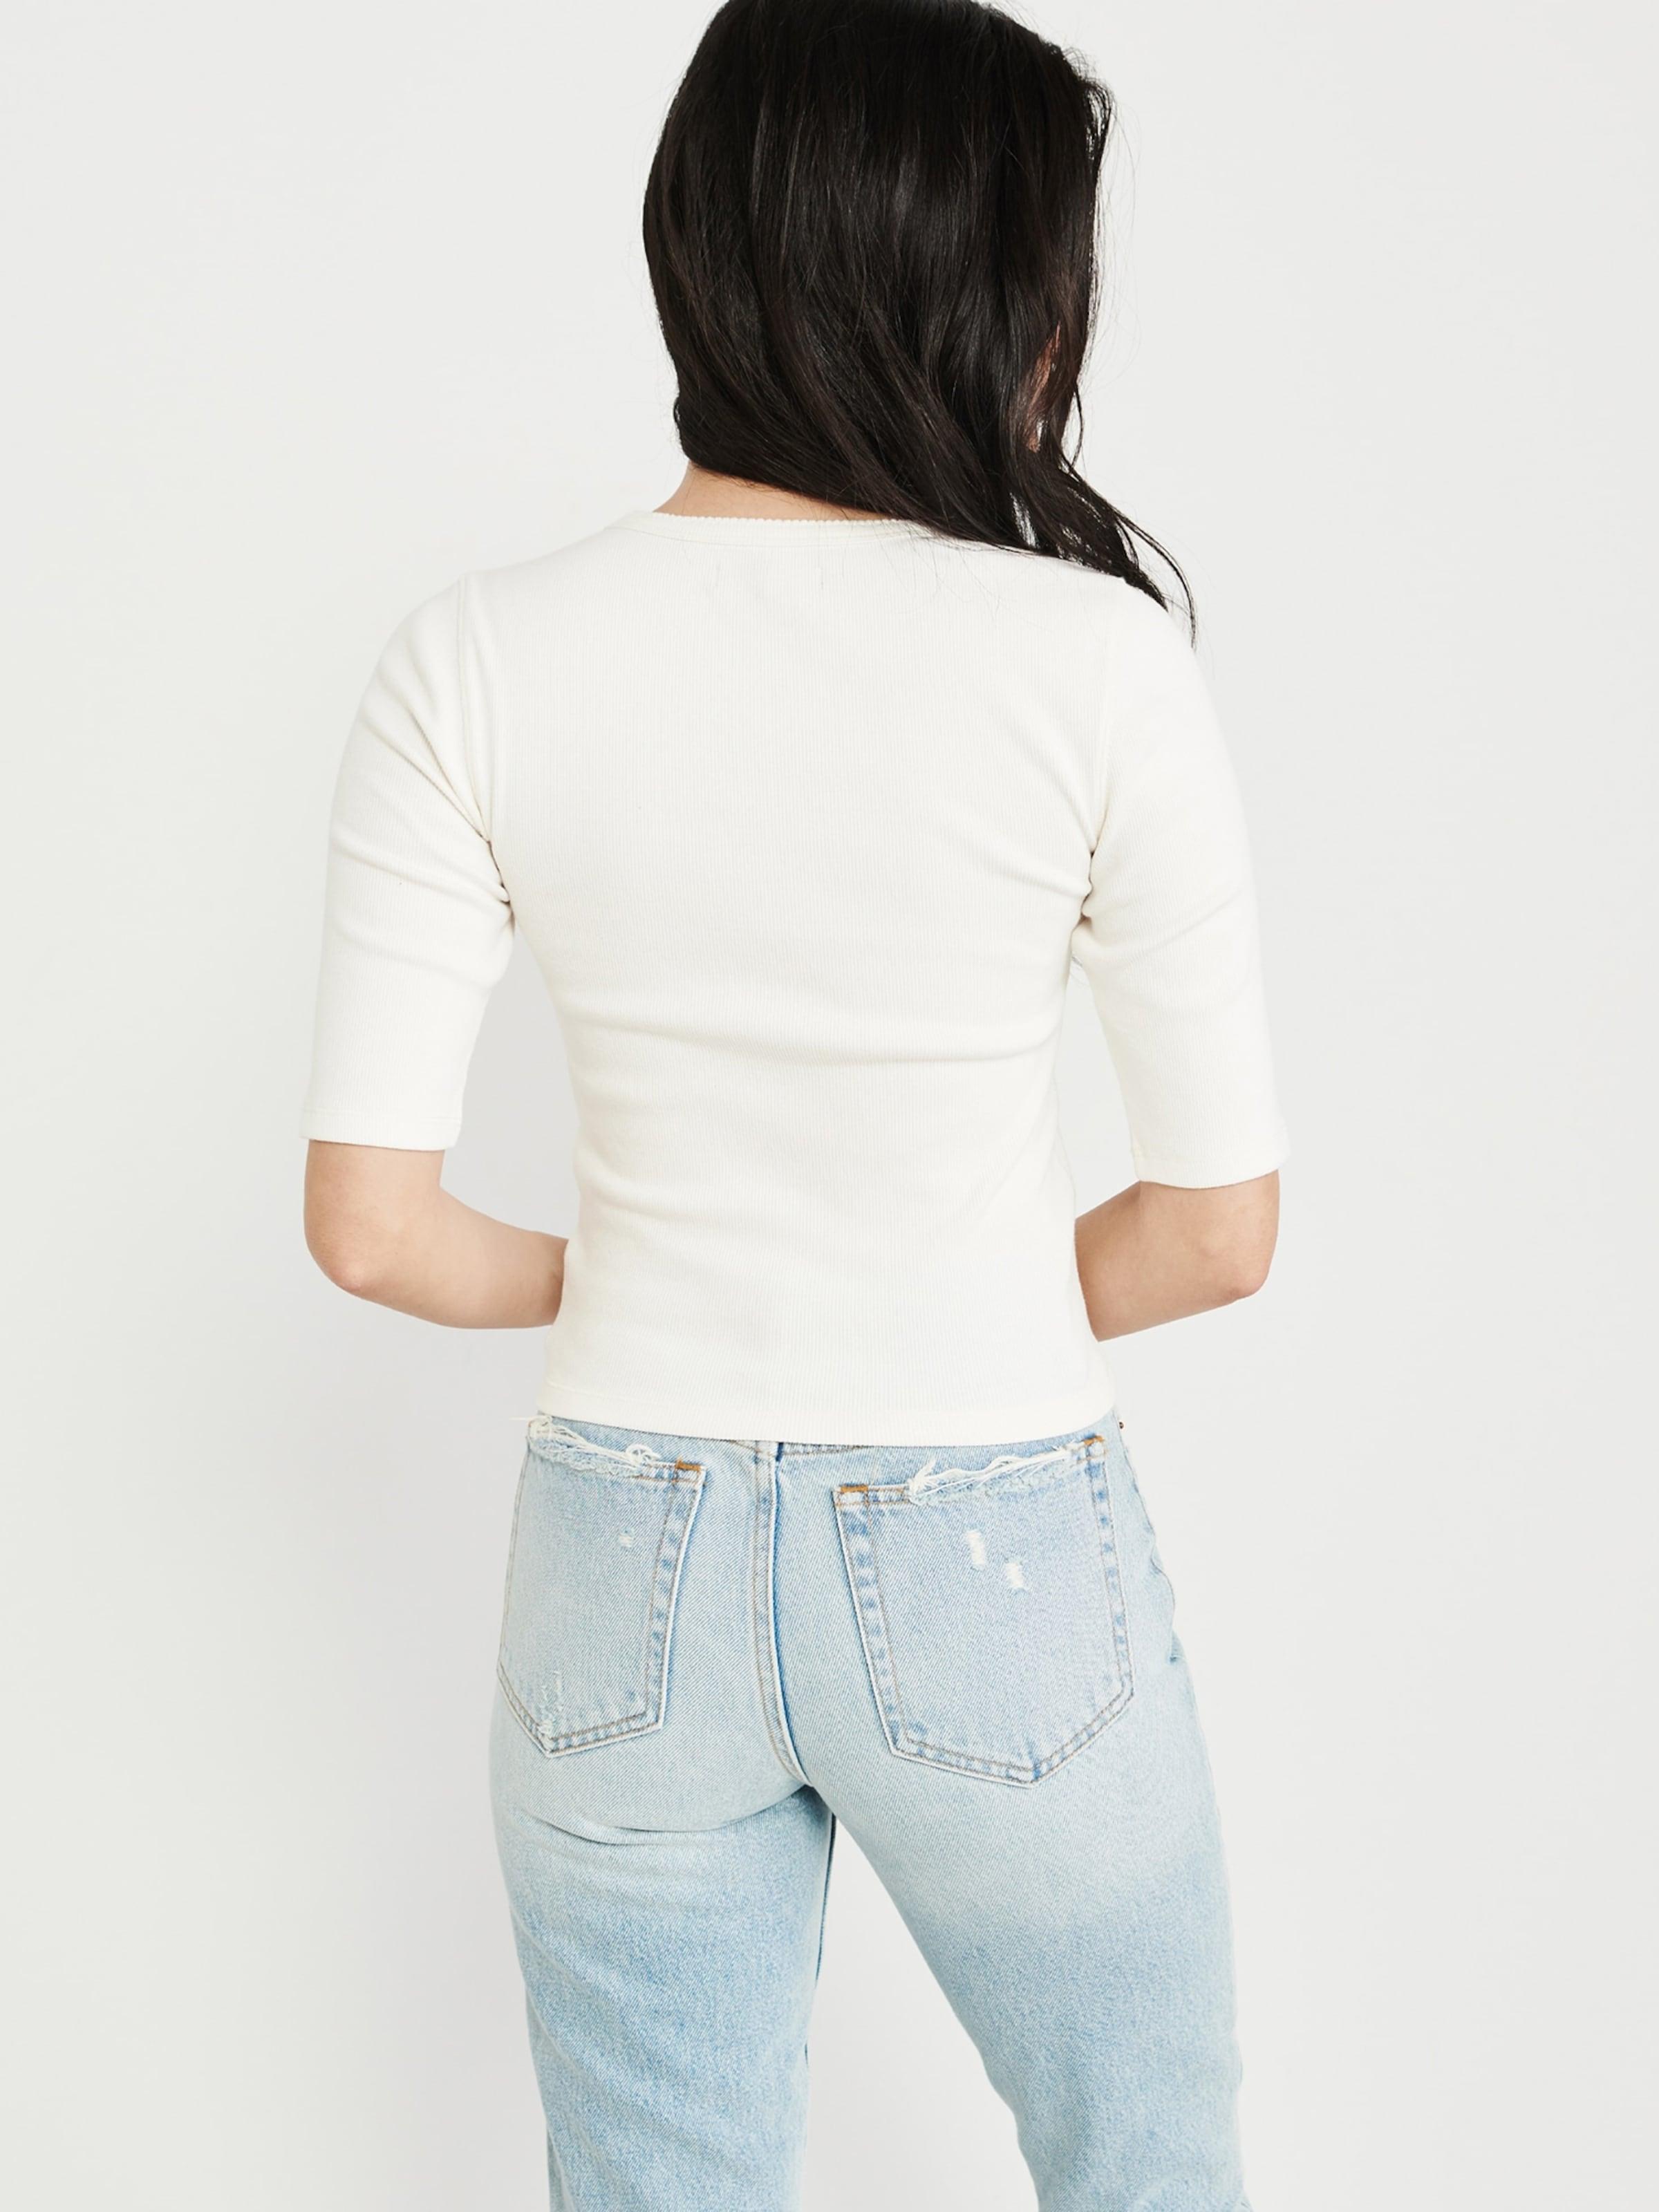 Fitch En T Blanc shirt Abercrombieamp; roxWCedB